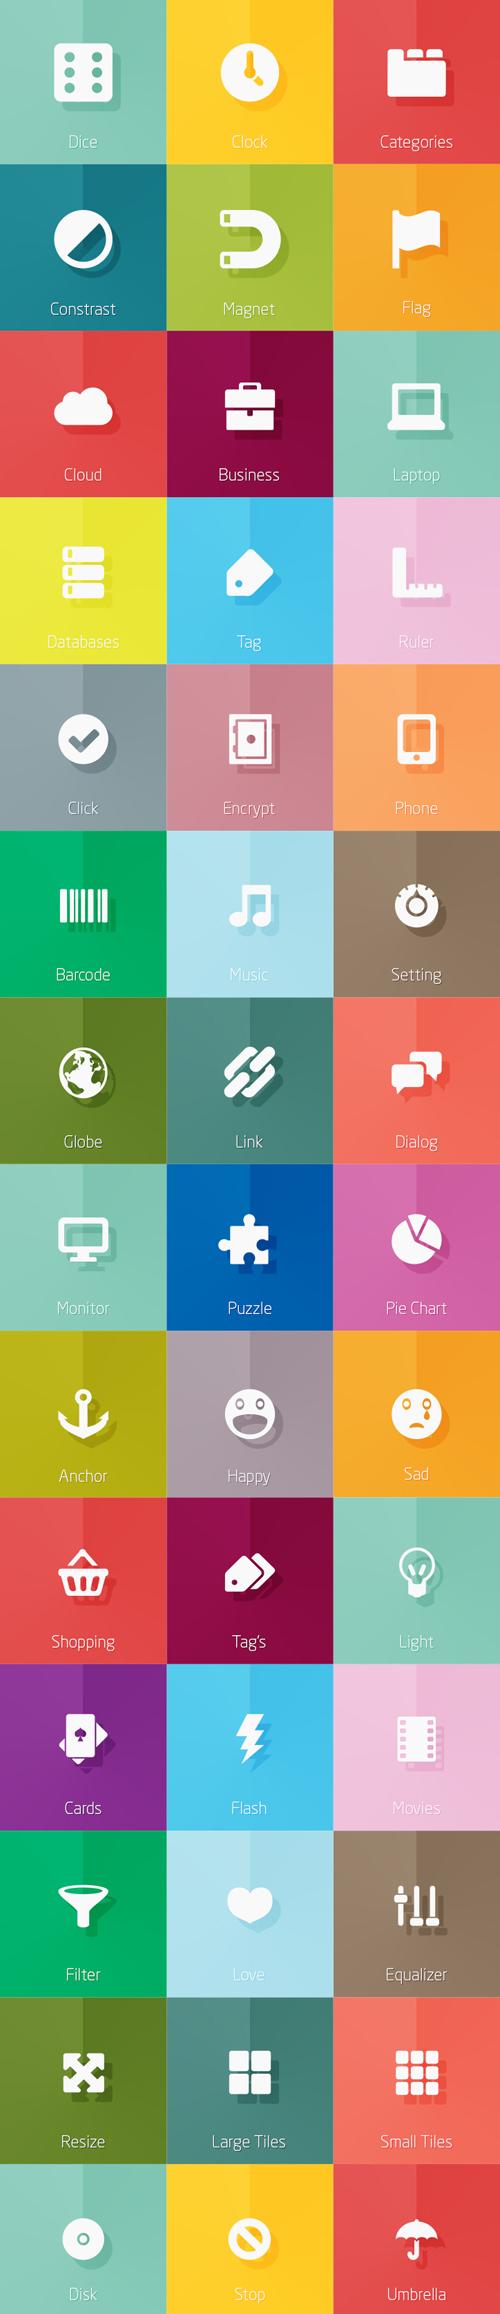 梅問題-網設必備-10款扁平式圖示特集,一次滿足所有UI所需